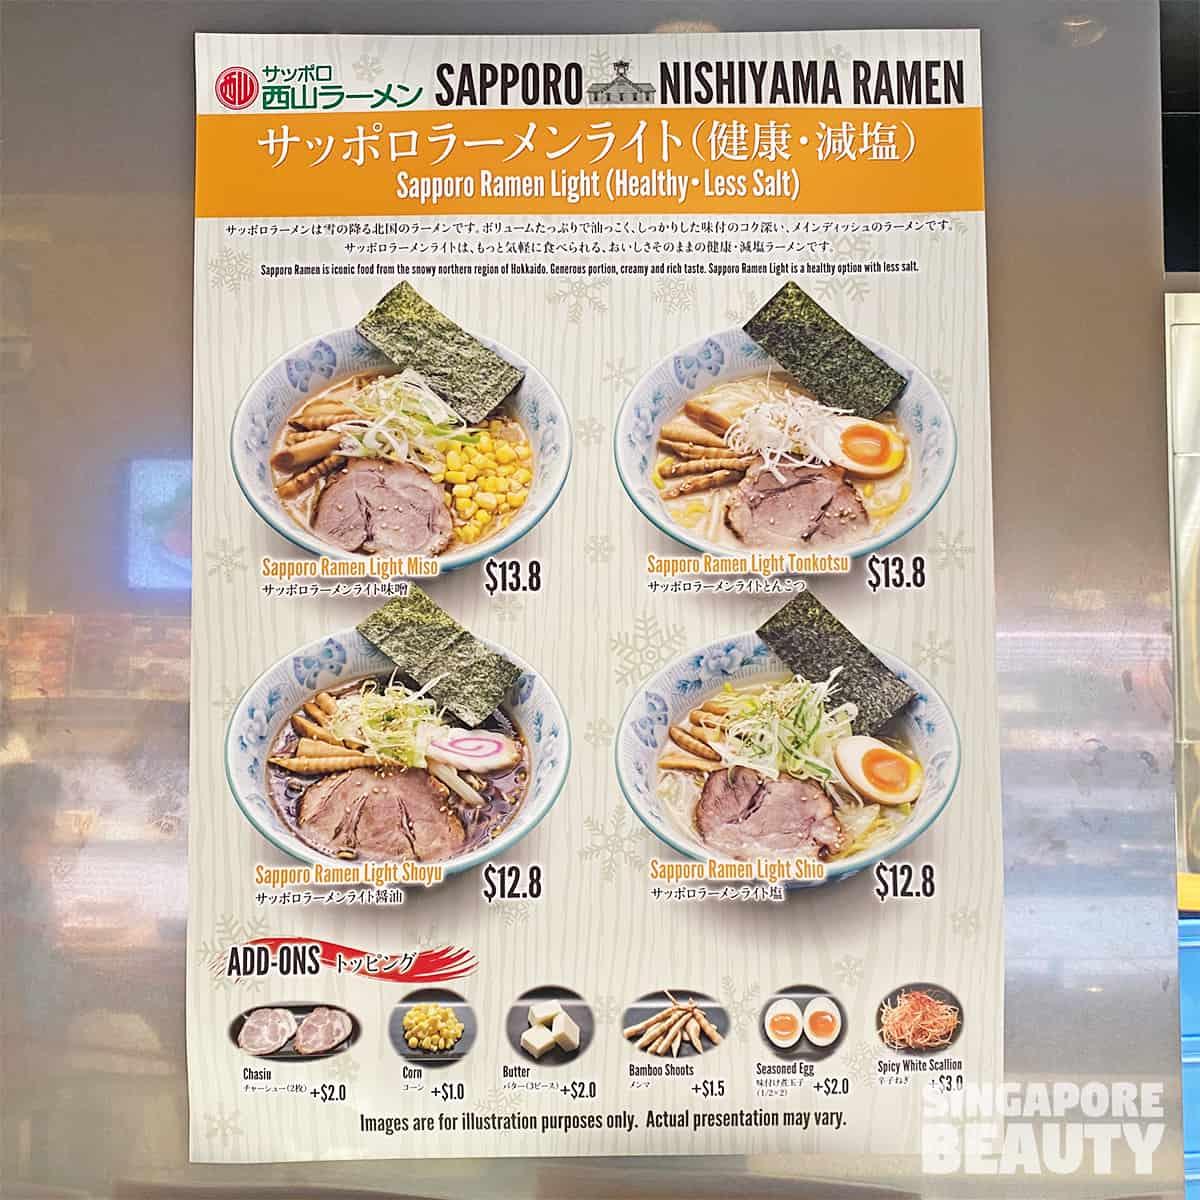 menu of Sapporo ramen